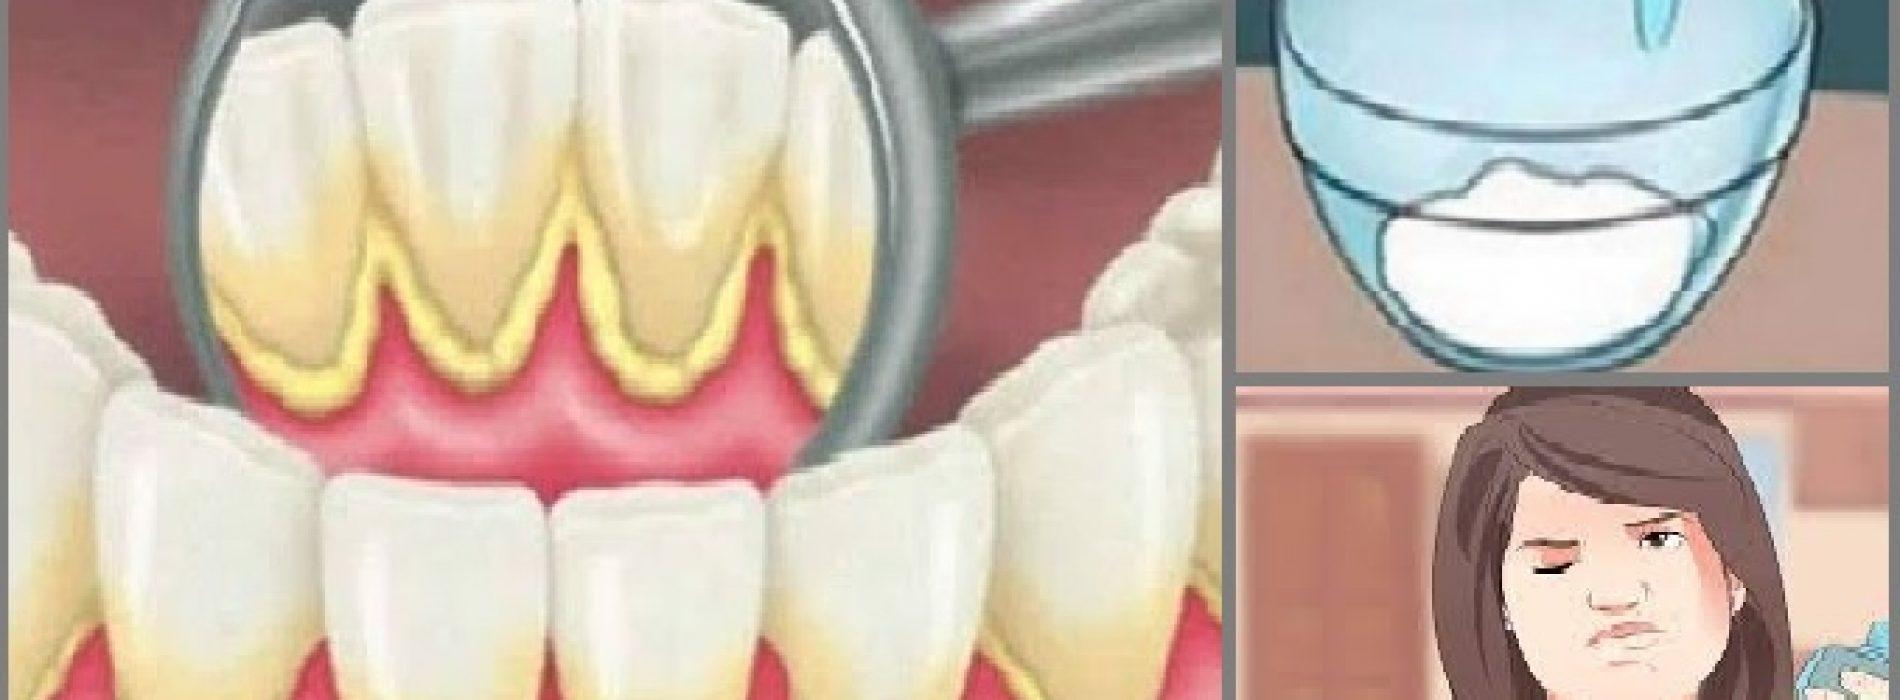 Dit mondwater verwijdert tandplak van je tanden in 2 minuten!